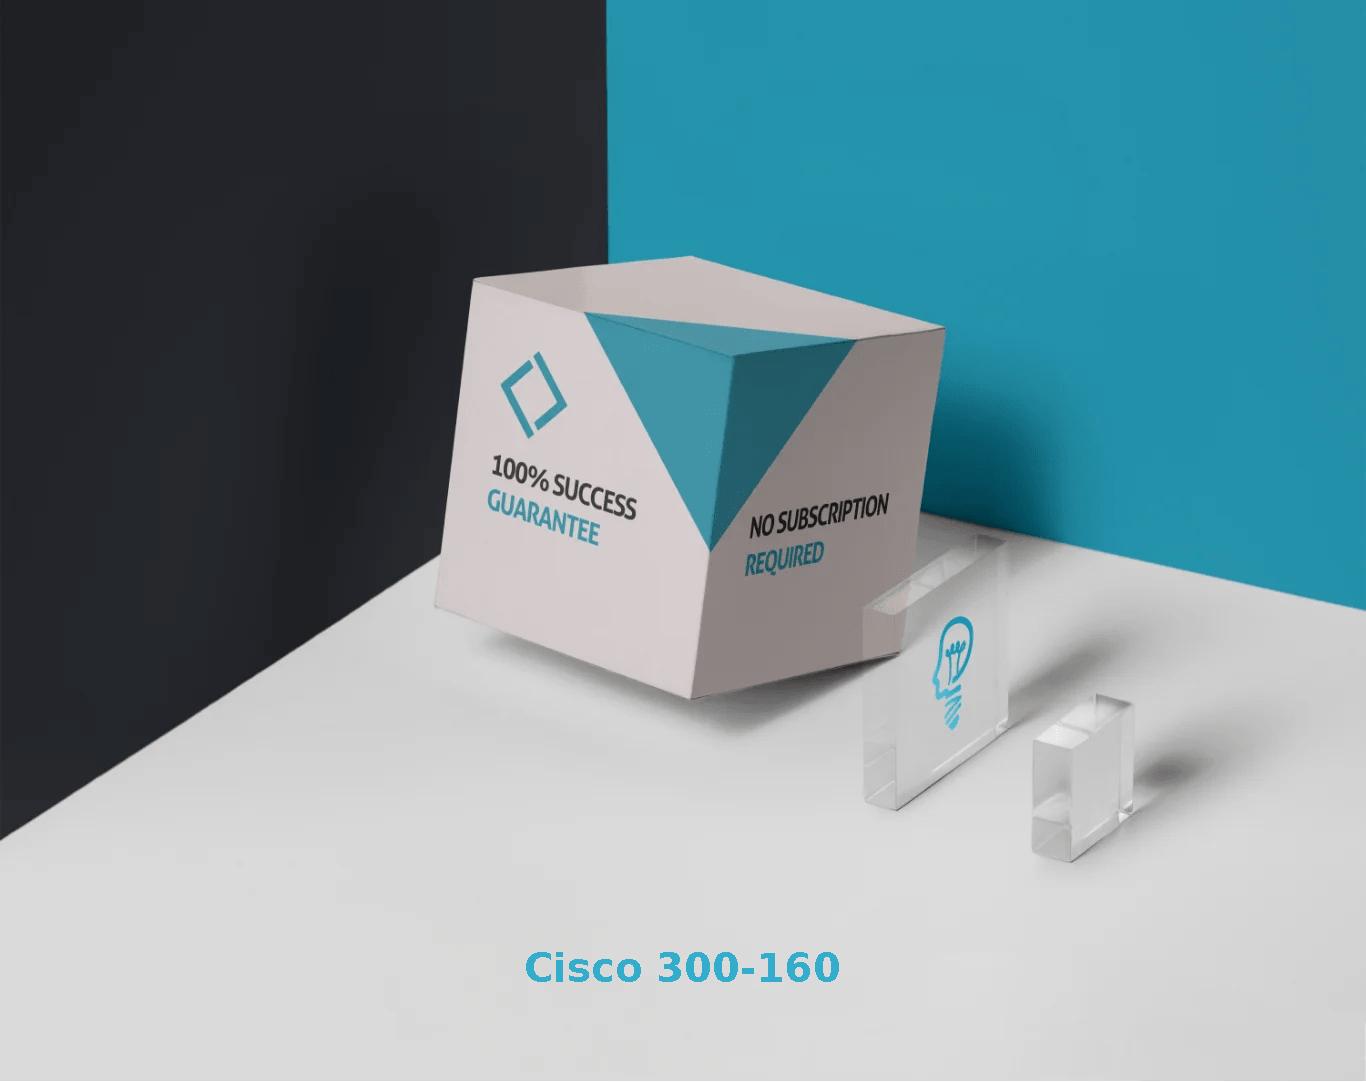 Cisco 300-160 Exams